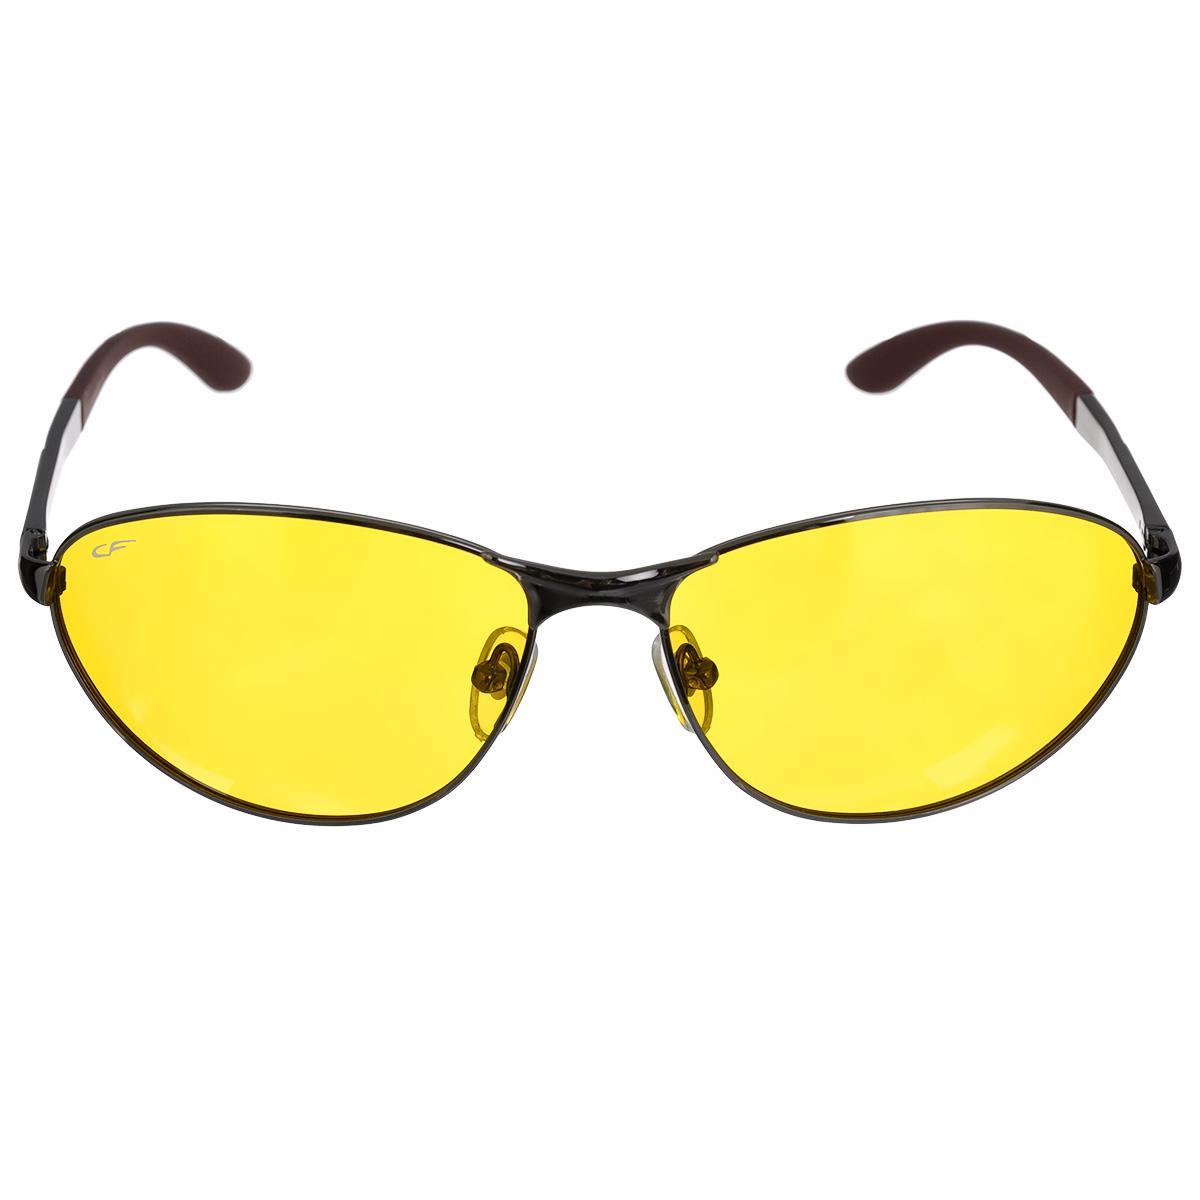 Очки поляризационные Cafa France, цвет: желтый. CF8199YBM8434-58AEОчки поляризационные Cafa France предназначены для защиты органов зрения от ультрафиолета,а также блокировки бликов. Оправа изготовлена из гибкого пластика, который не бьется и не подвергается остаточным деформациям. Оправа разработана для комфортного и безопасного вождения - легкая, надежная, не закрывающая обзор в зоне периферийного зрения. Прорезиненные элементы на дужках и надежные узлы крепления предотвращают соскальзывание.Категория затемнения линз - Cat.1.Практичный аксессуар не только защитит ваши глаза, но и ярко подчеркнет ваш стиль.